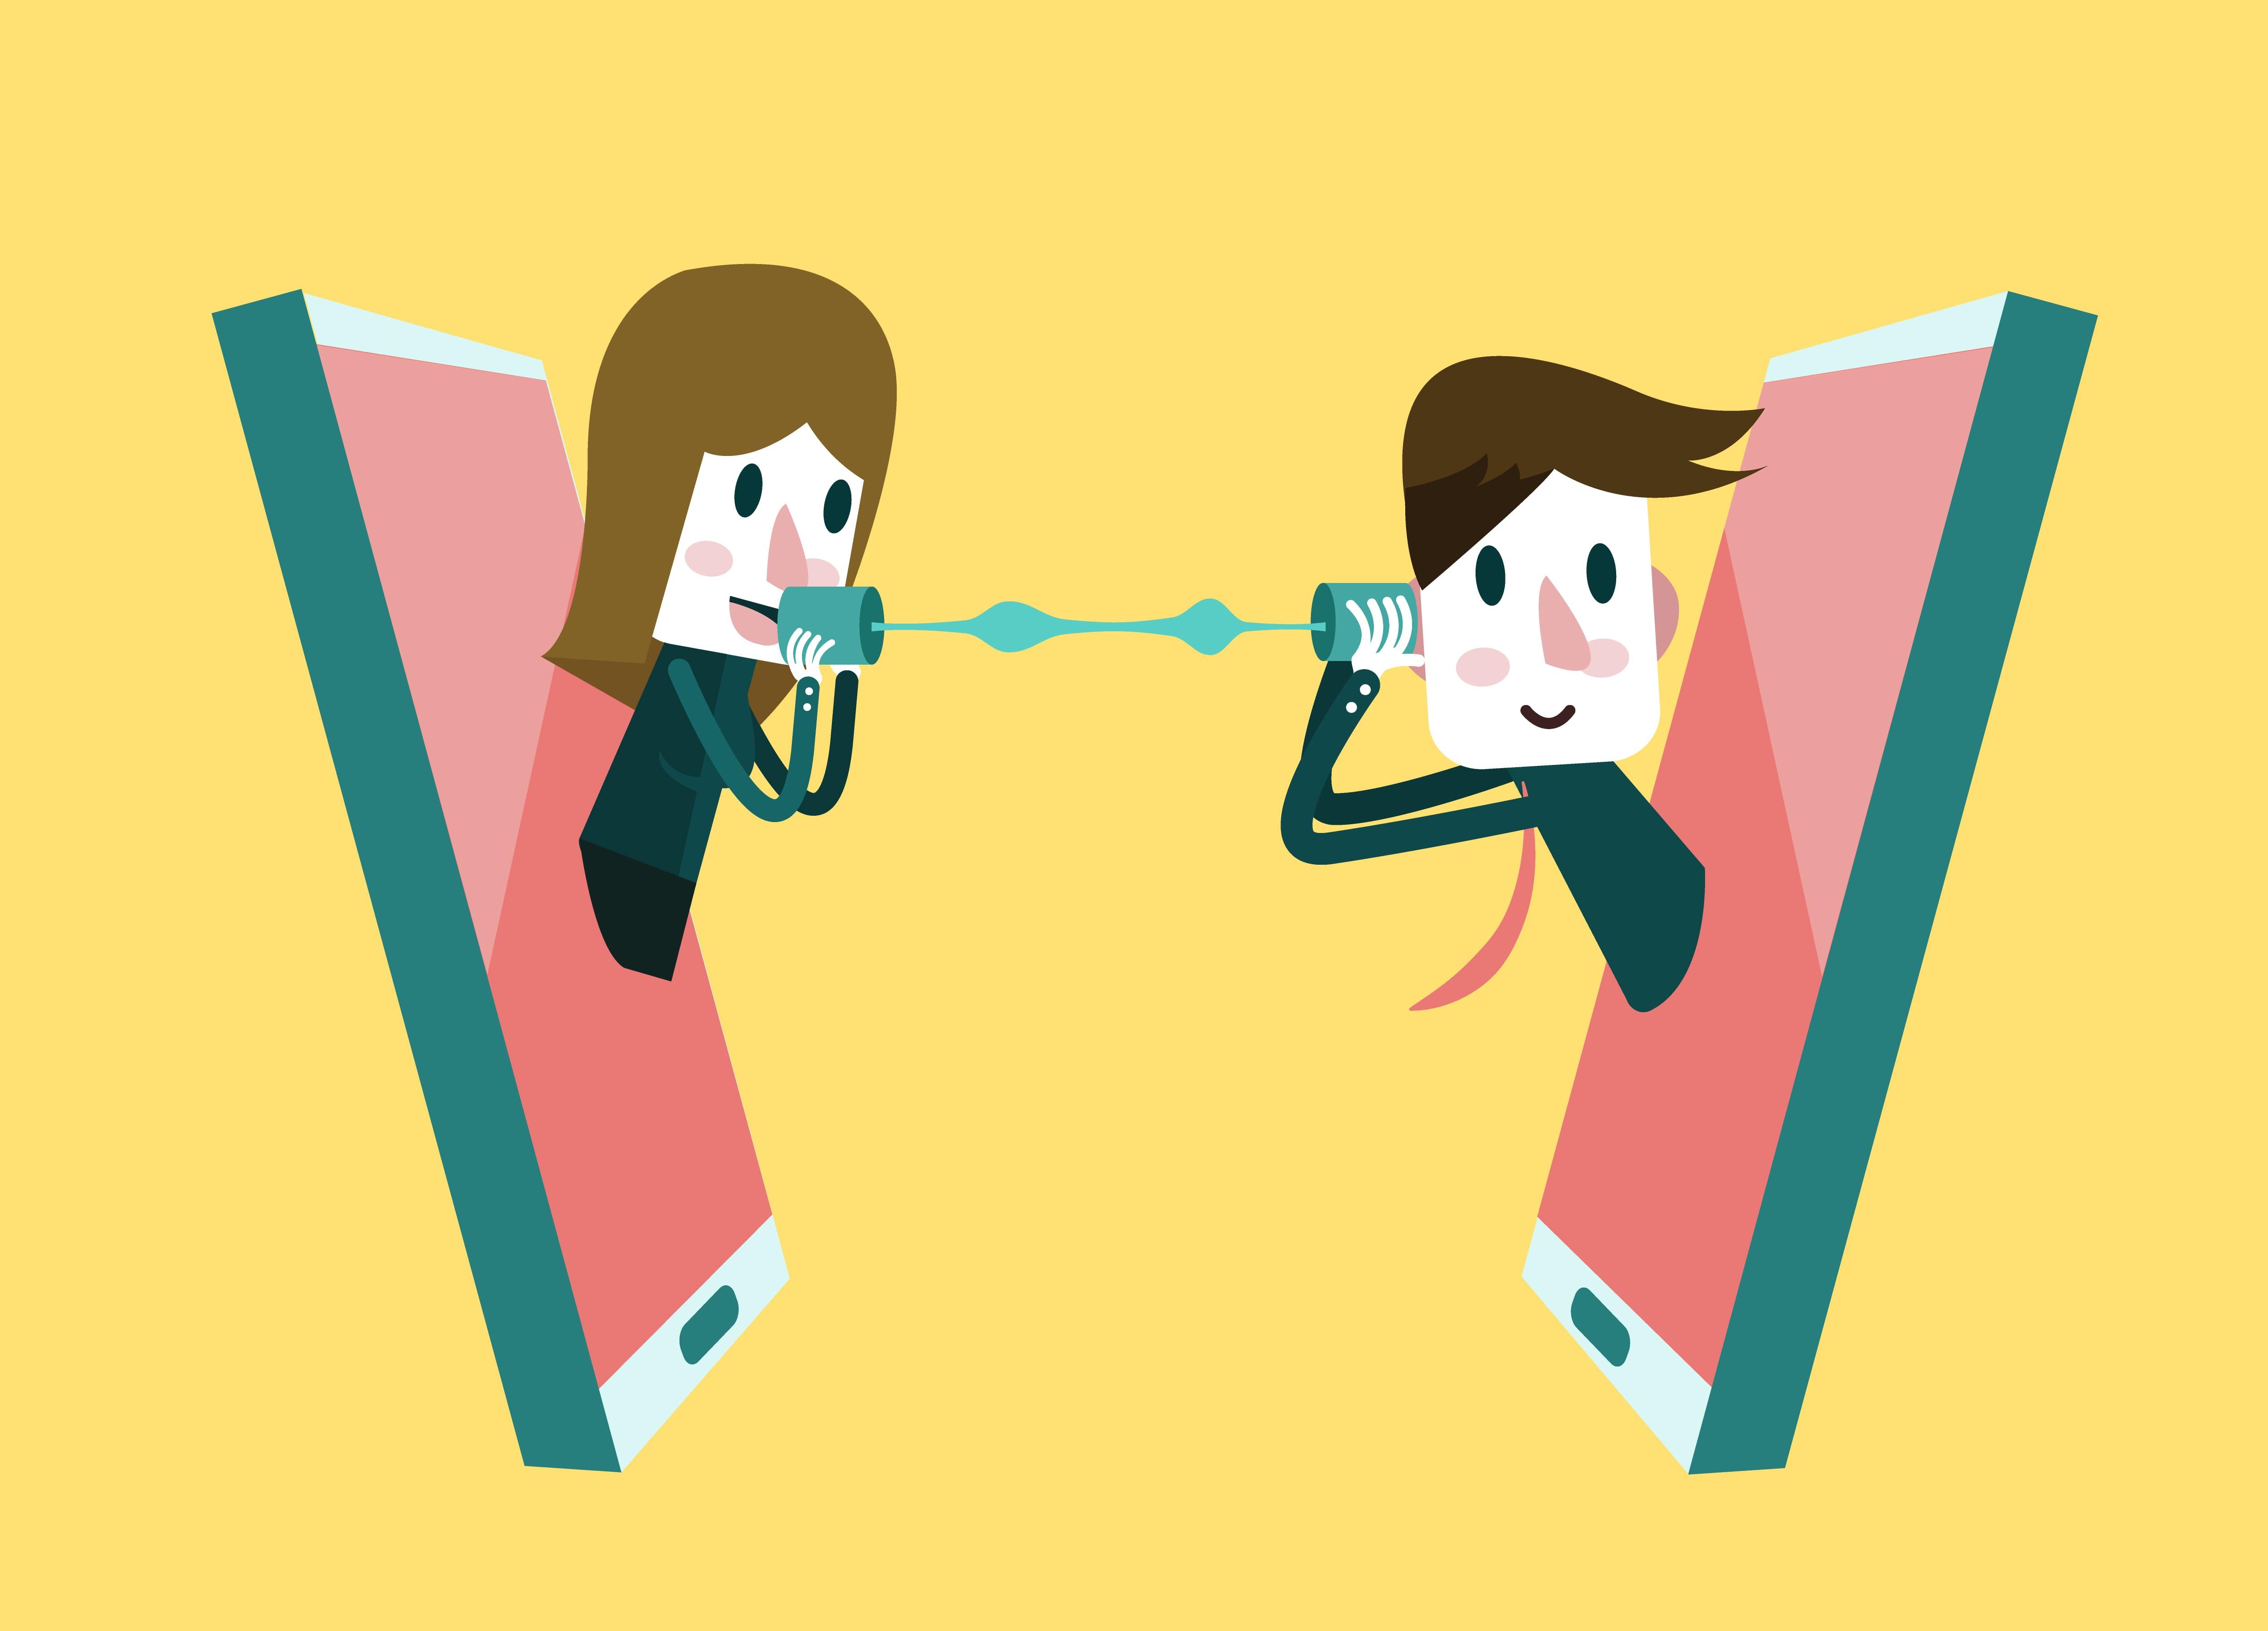 Imagem de duas pessoas conversando através das redes sociais para remeter a estratégia de Social Listening